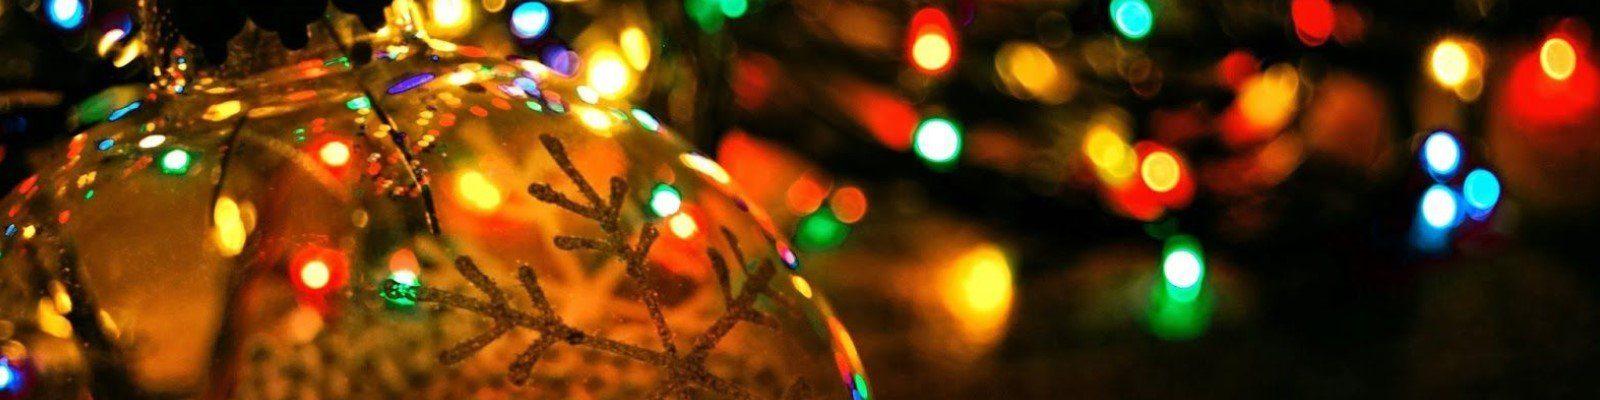 Årets beste Julekalendere på nettcasinoer 2018